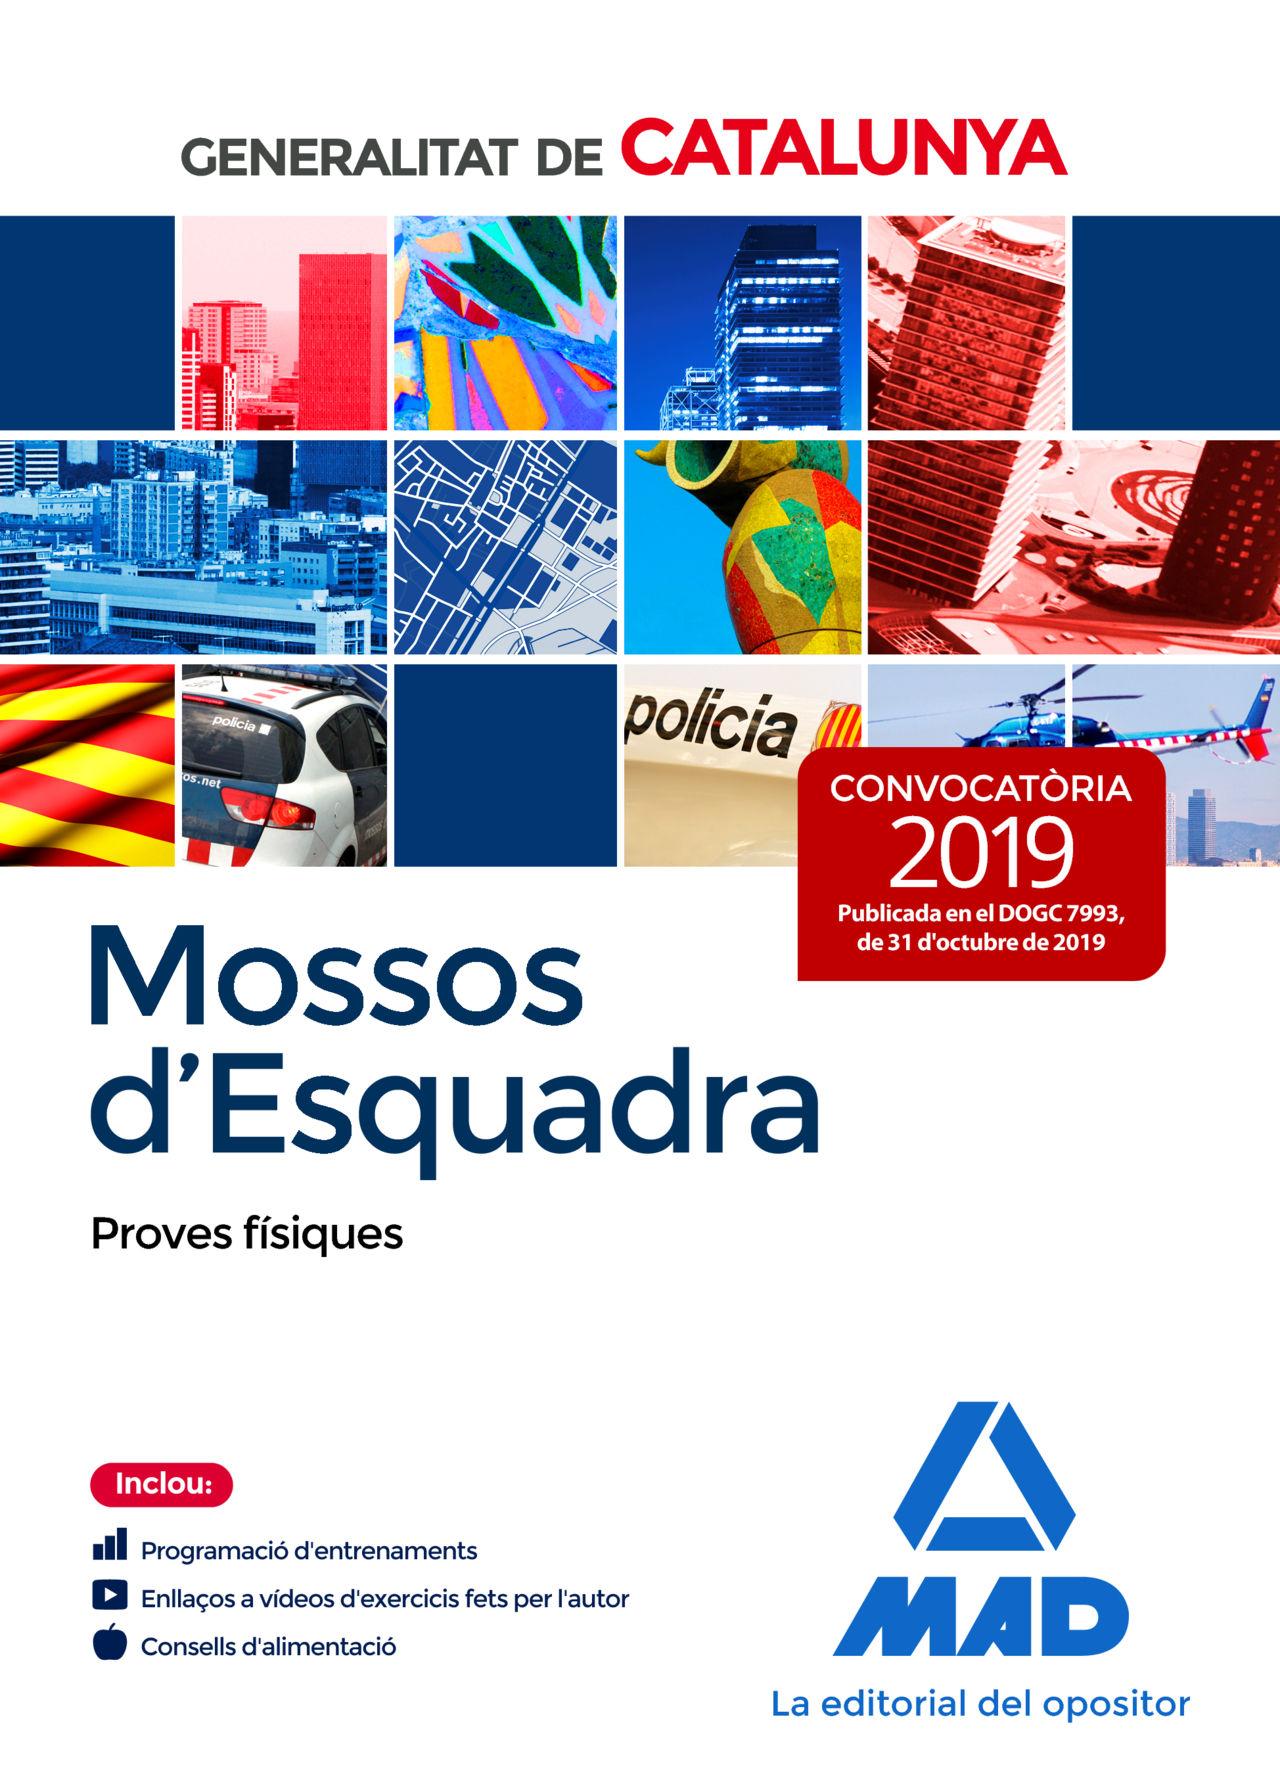 MOSSOS D`ESQUADRA PROVES FÍSIQUES